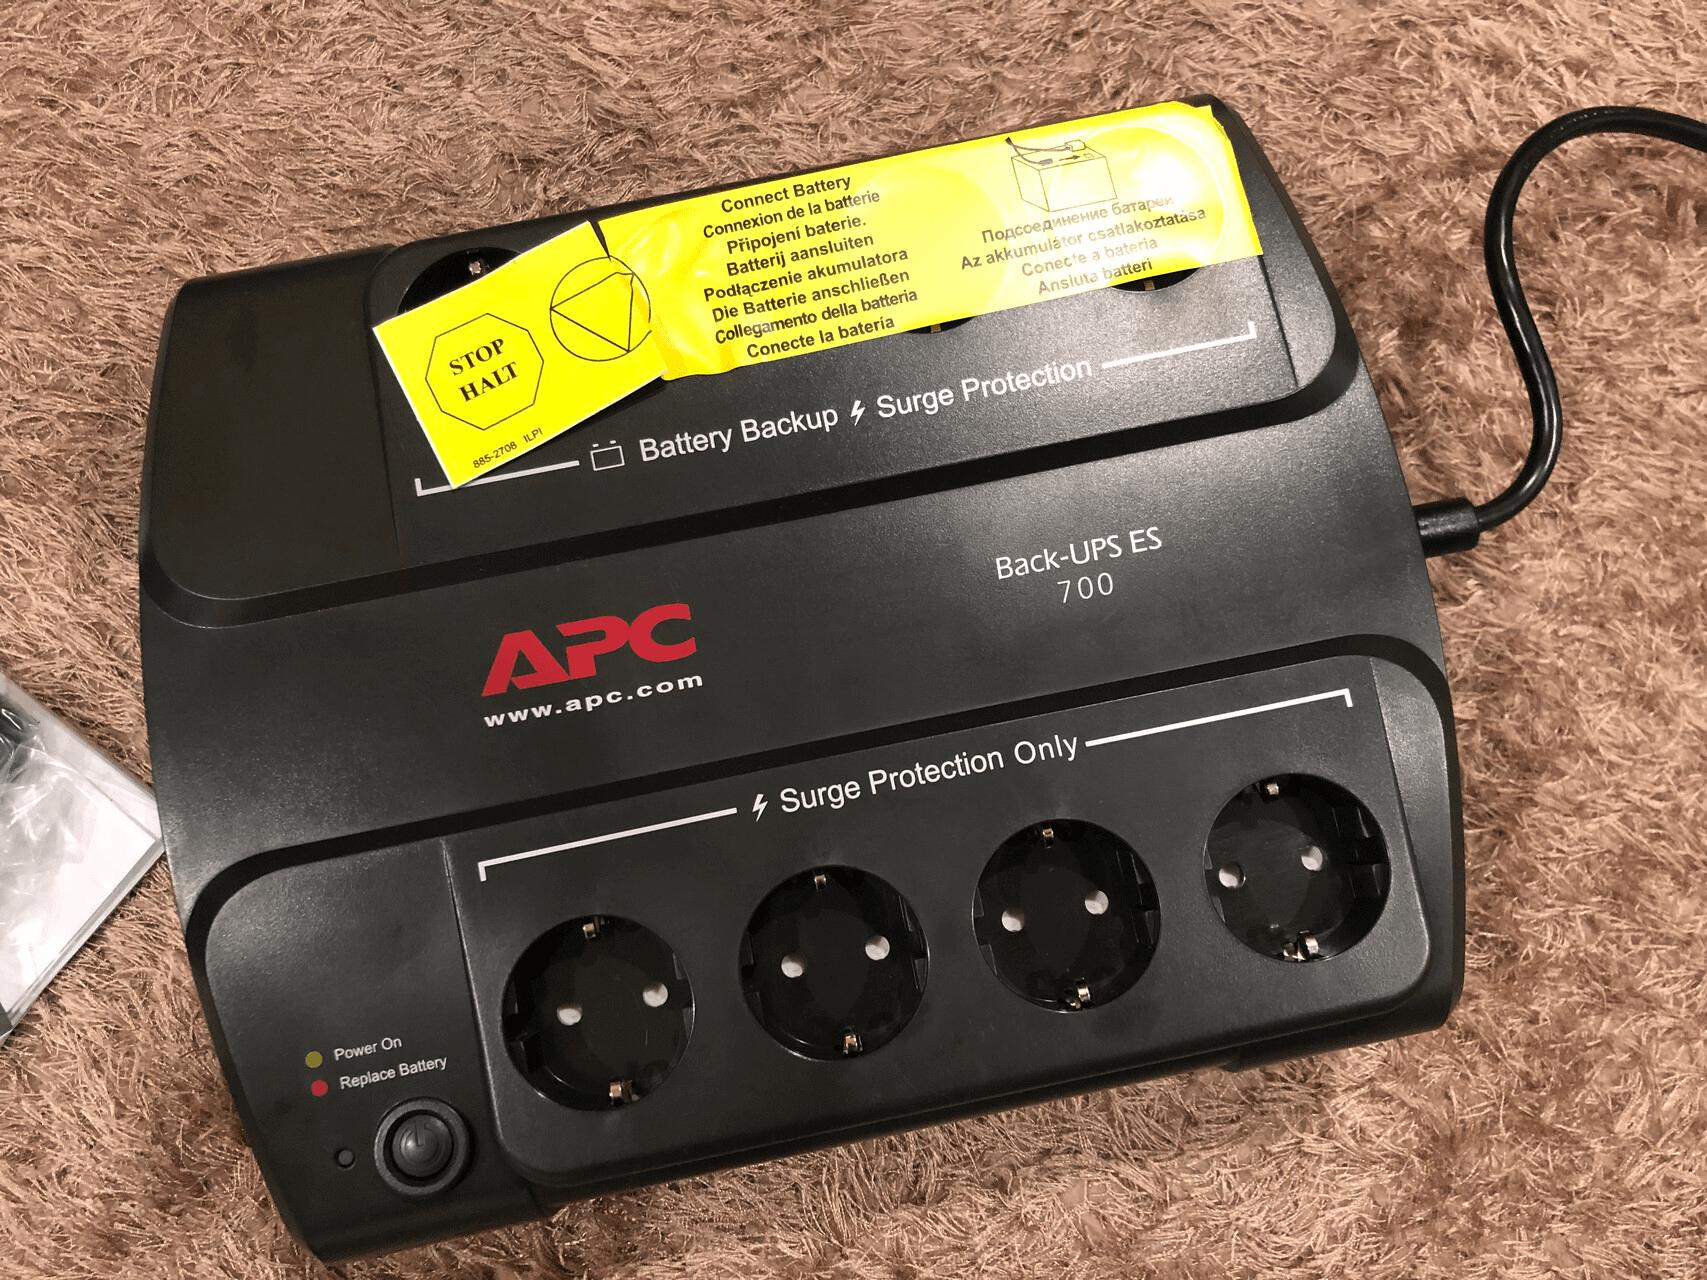 Photo of the APC Back-UPS ES 700